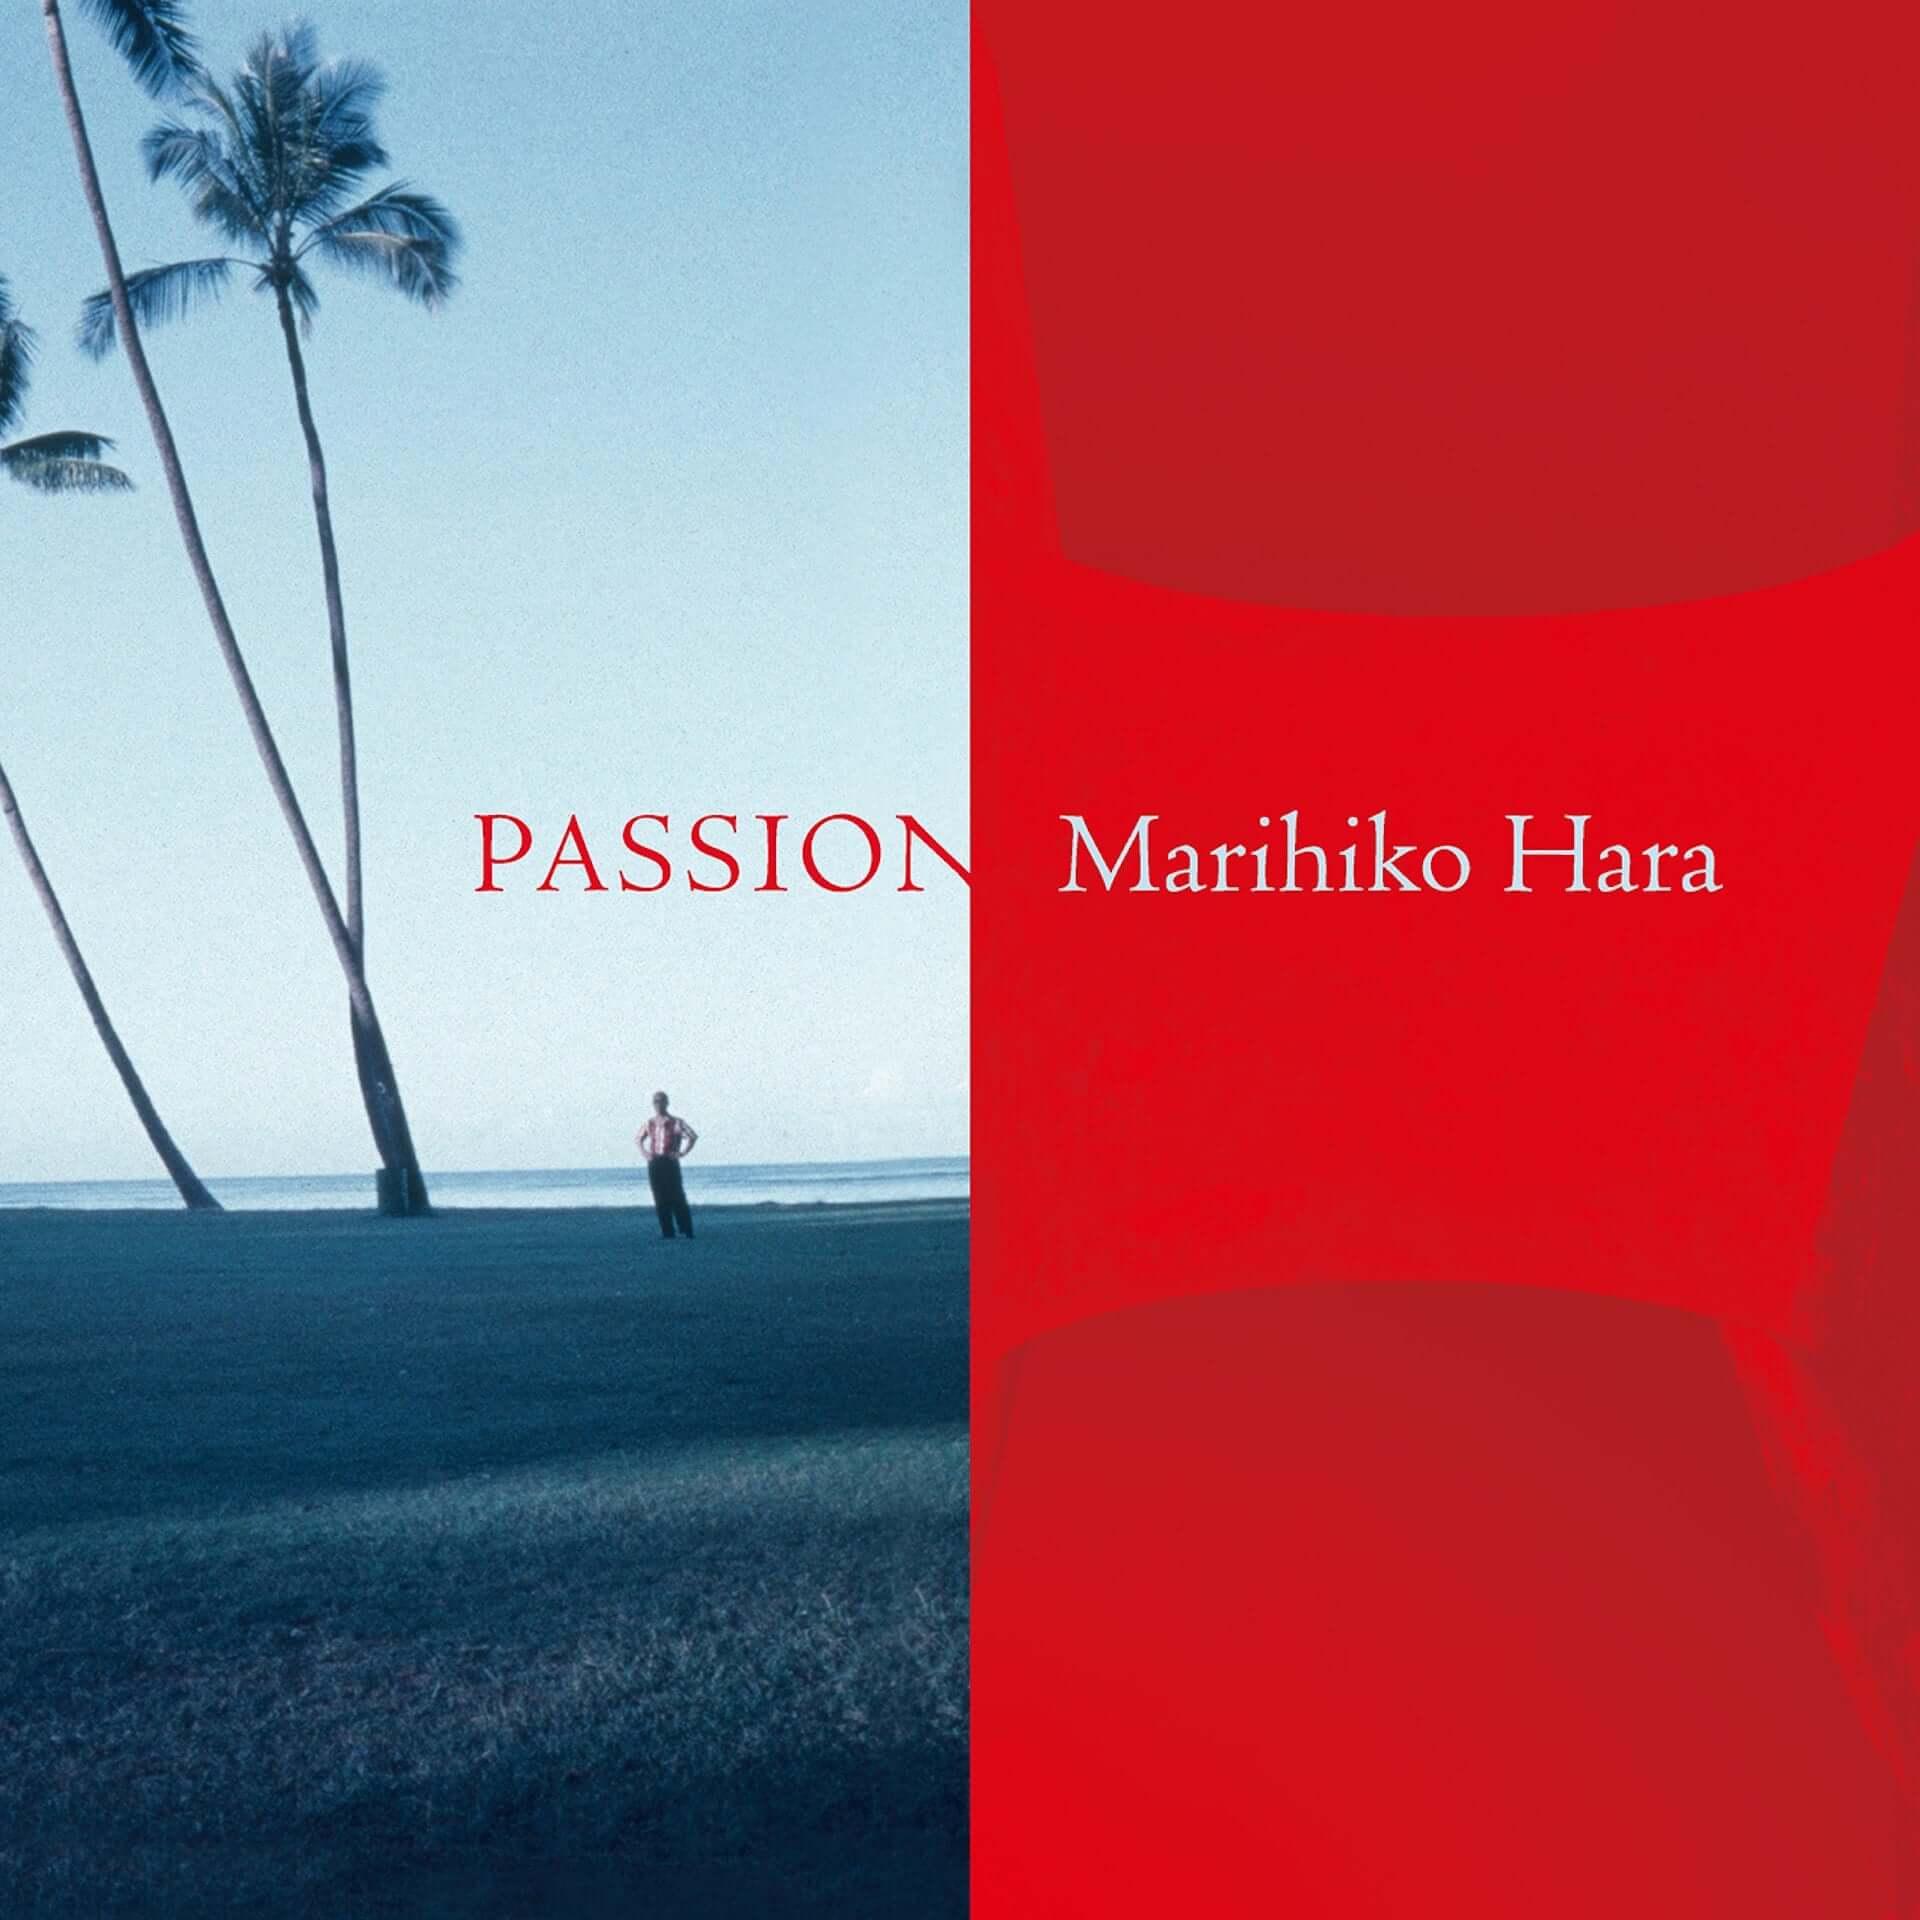 原 摩利彦の最新作『PASSION』が本日リリース|全15曲に寄せた本人のエッセイも大公開 music200605_marihikohara_13-1920x1920